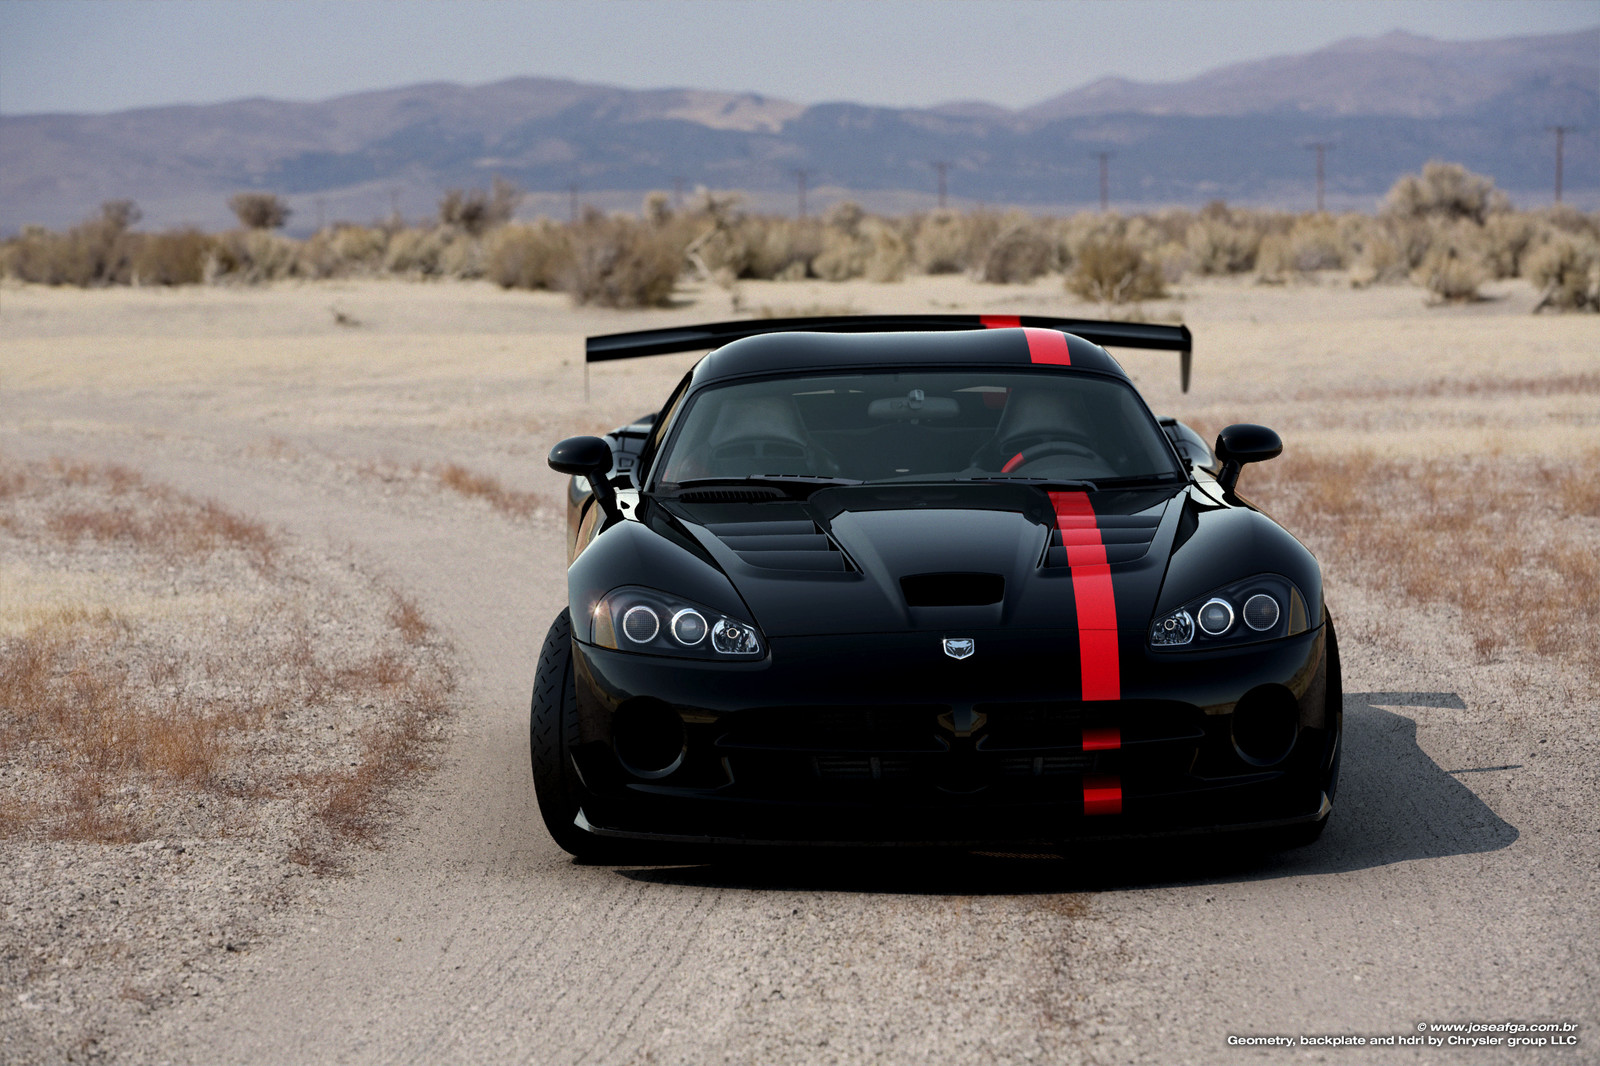 Viper ACR black